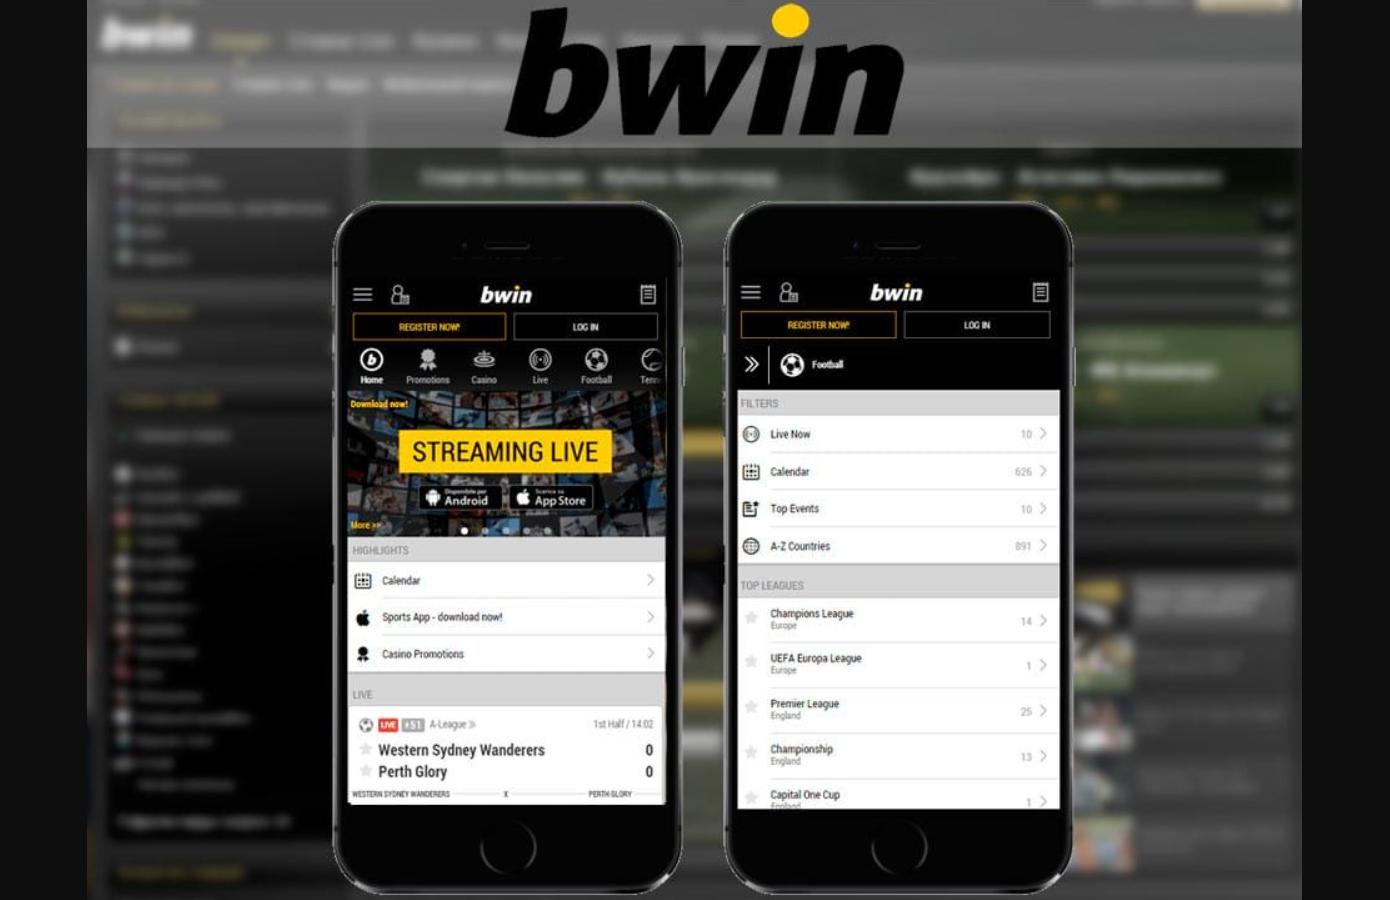 Il y en a deux – il me faut quelle Bwin mobile app?